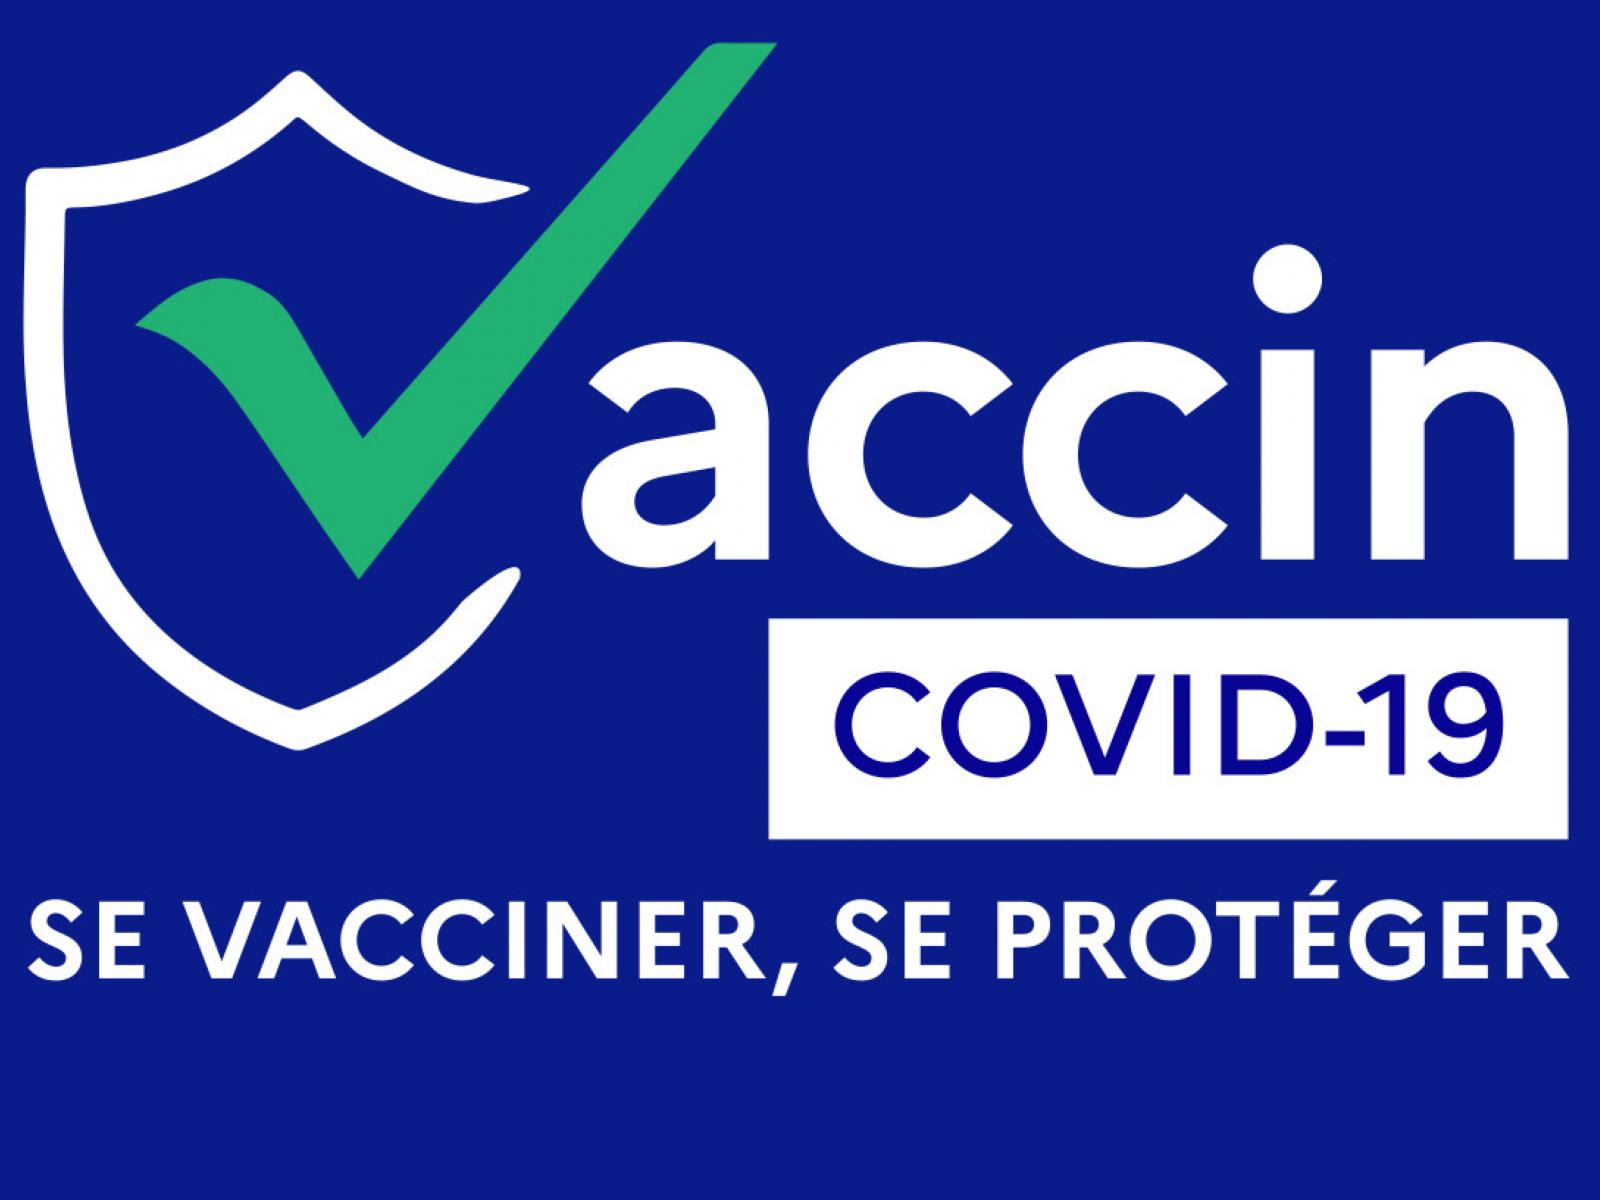 Vaccin COVID 19